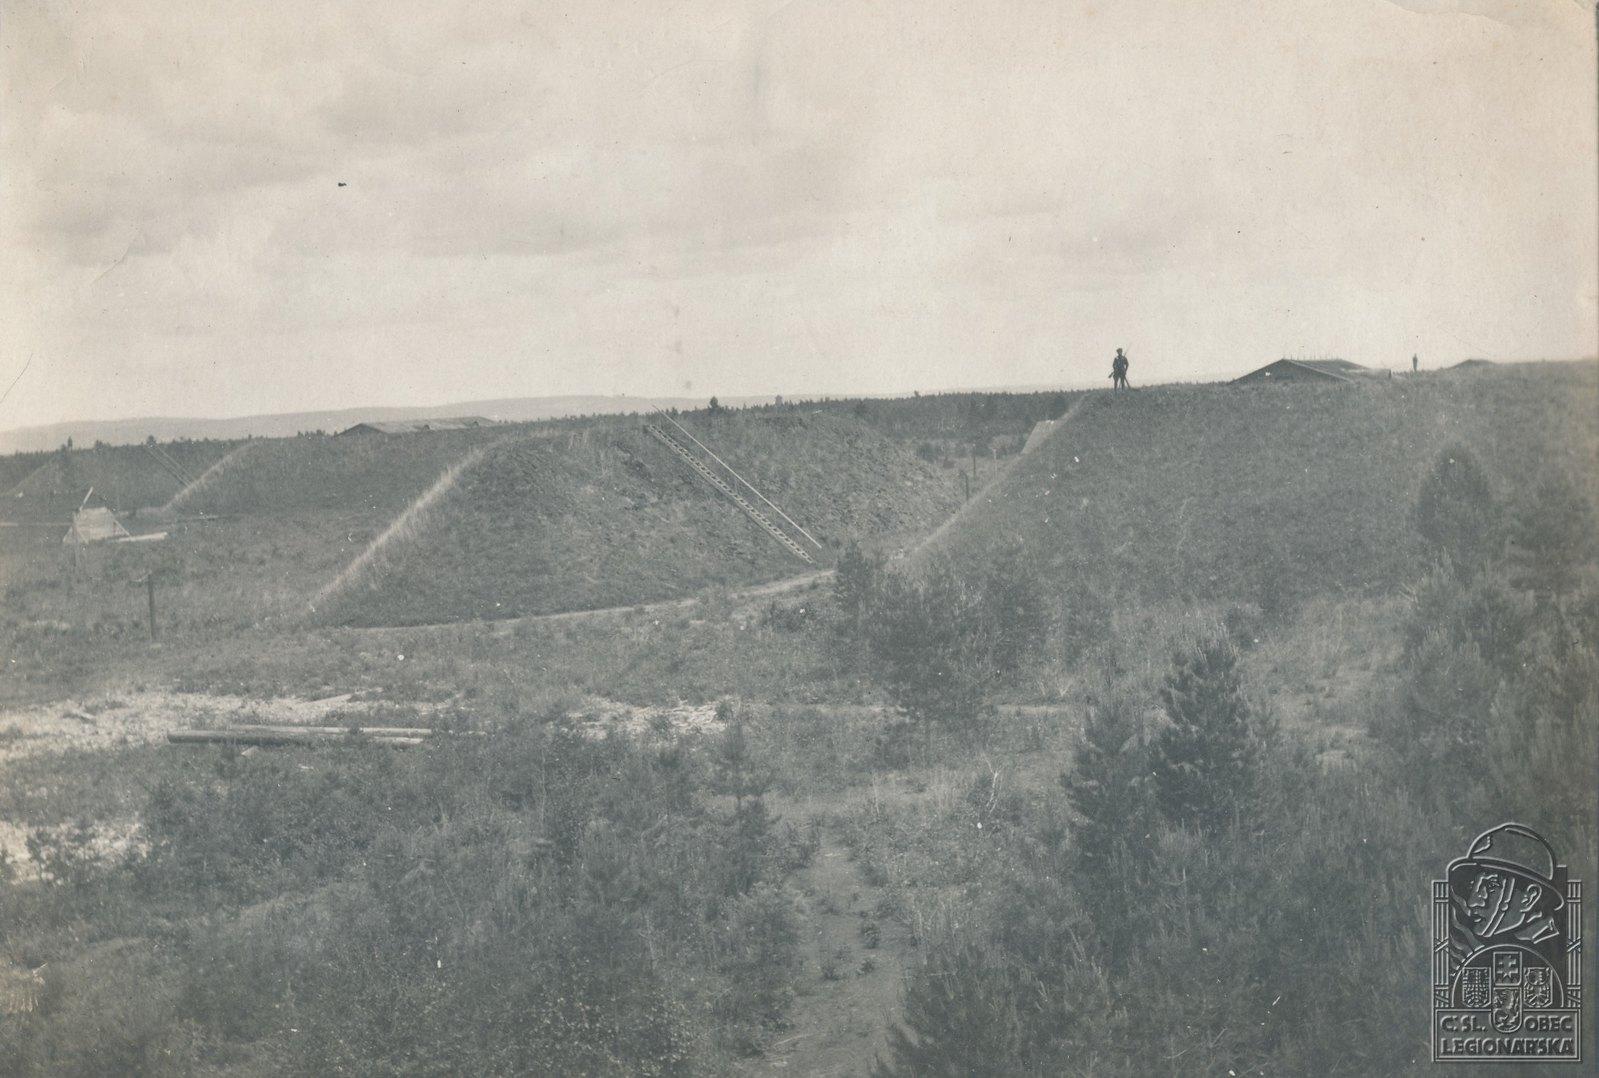 26. 1919. Окрестности Иркутска